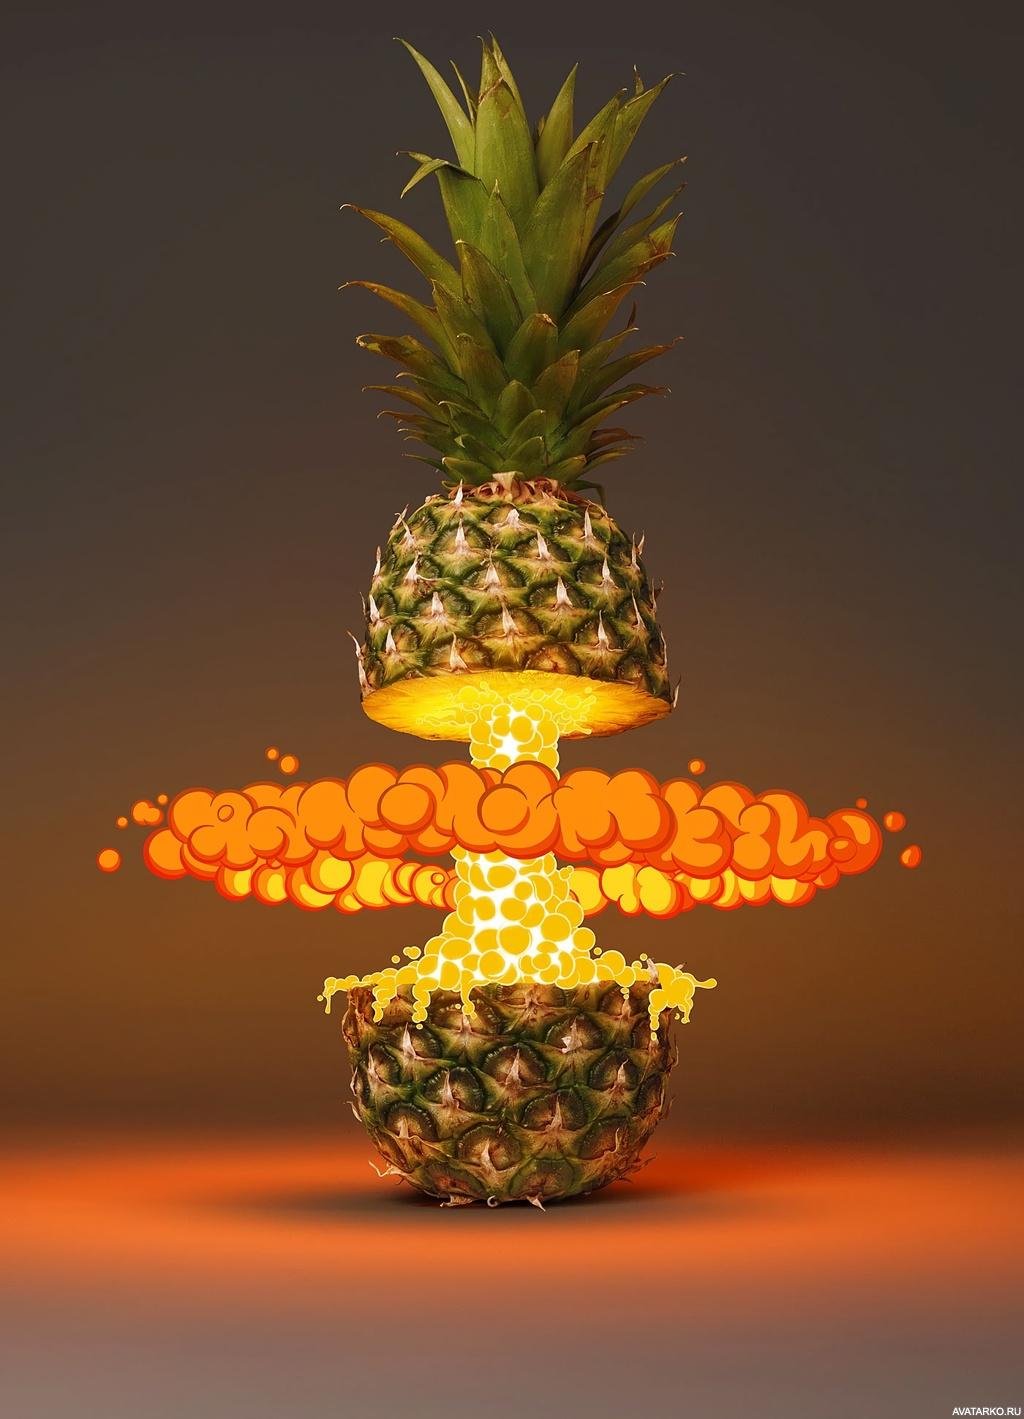 Открытки, ананас смешные картинки